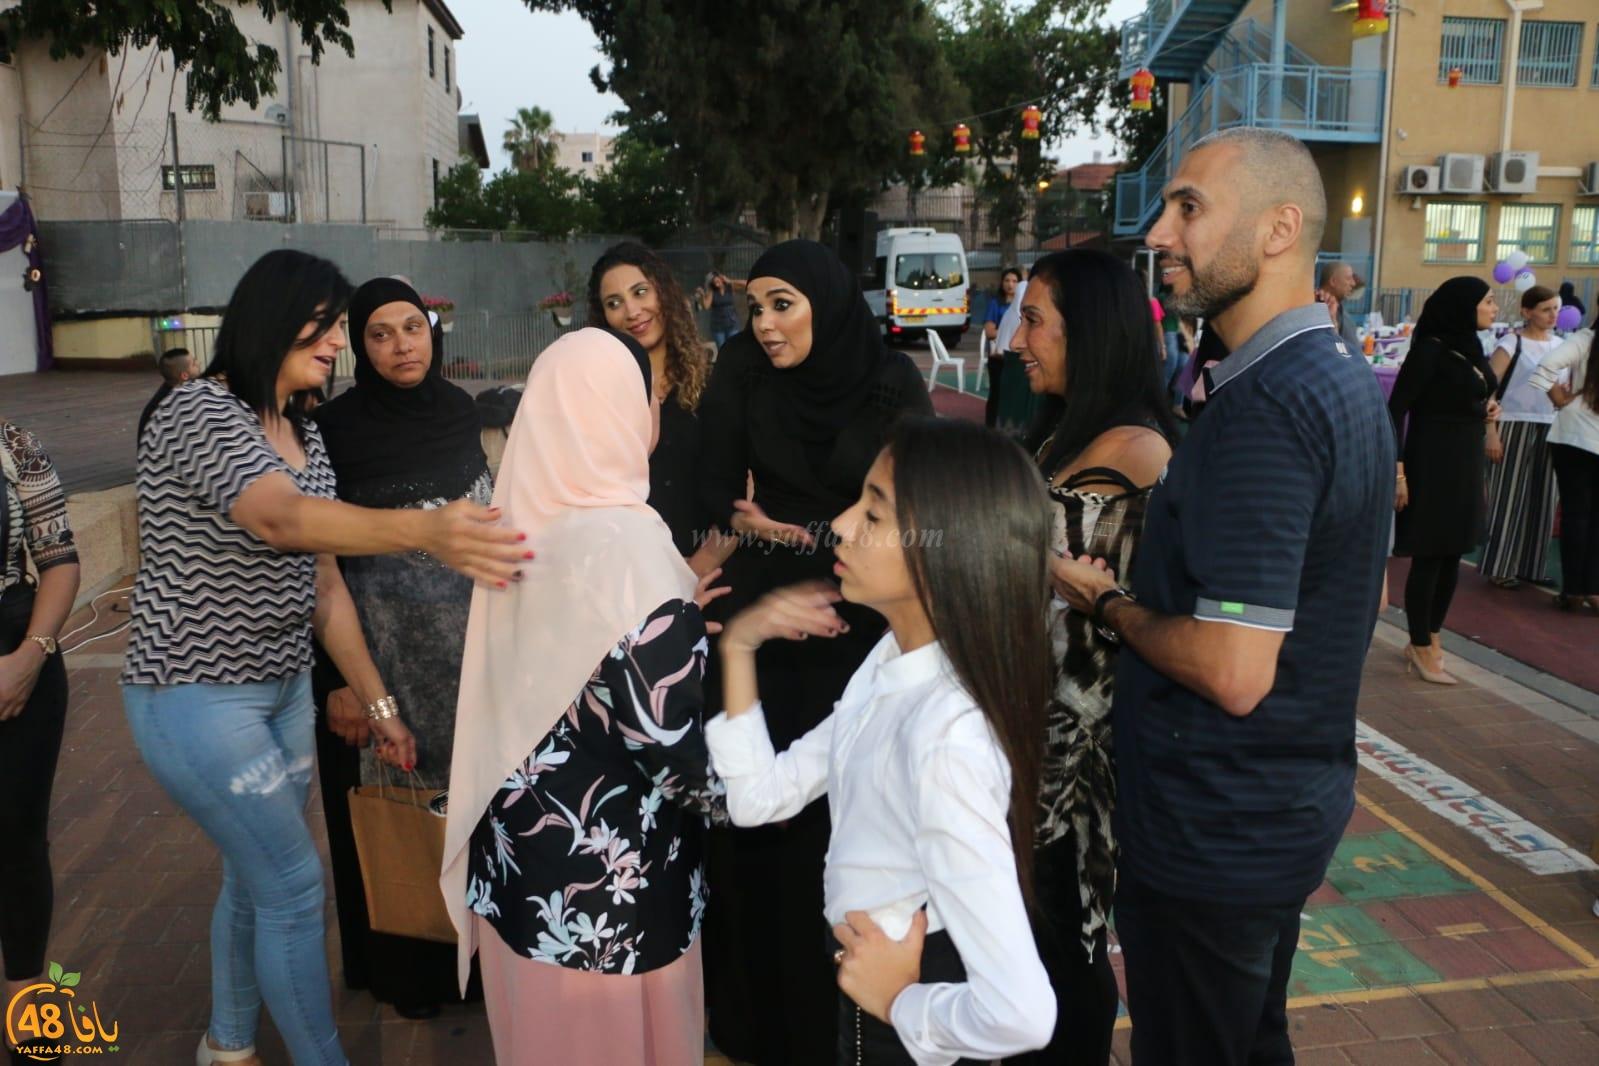 بالصور: مدرسة أجيال الابتدائية تحتفل بتخريج الفوج الـ16 من طلابها